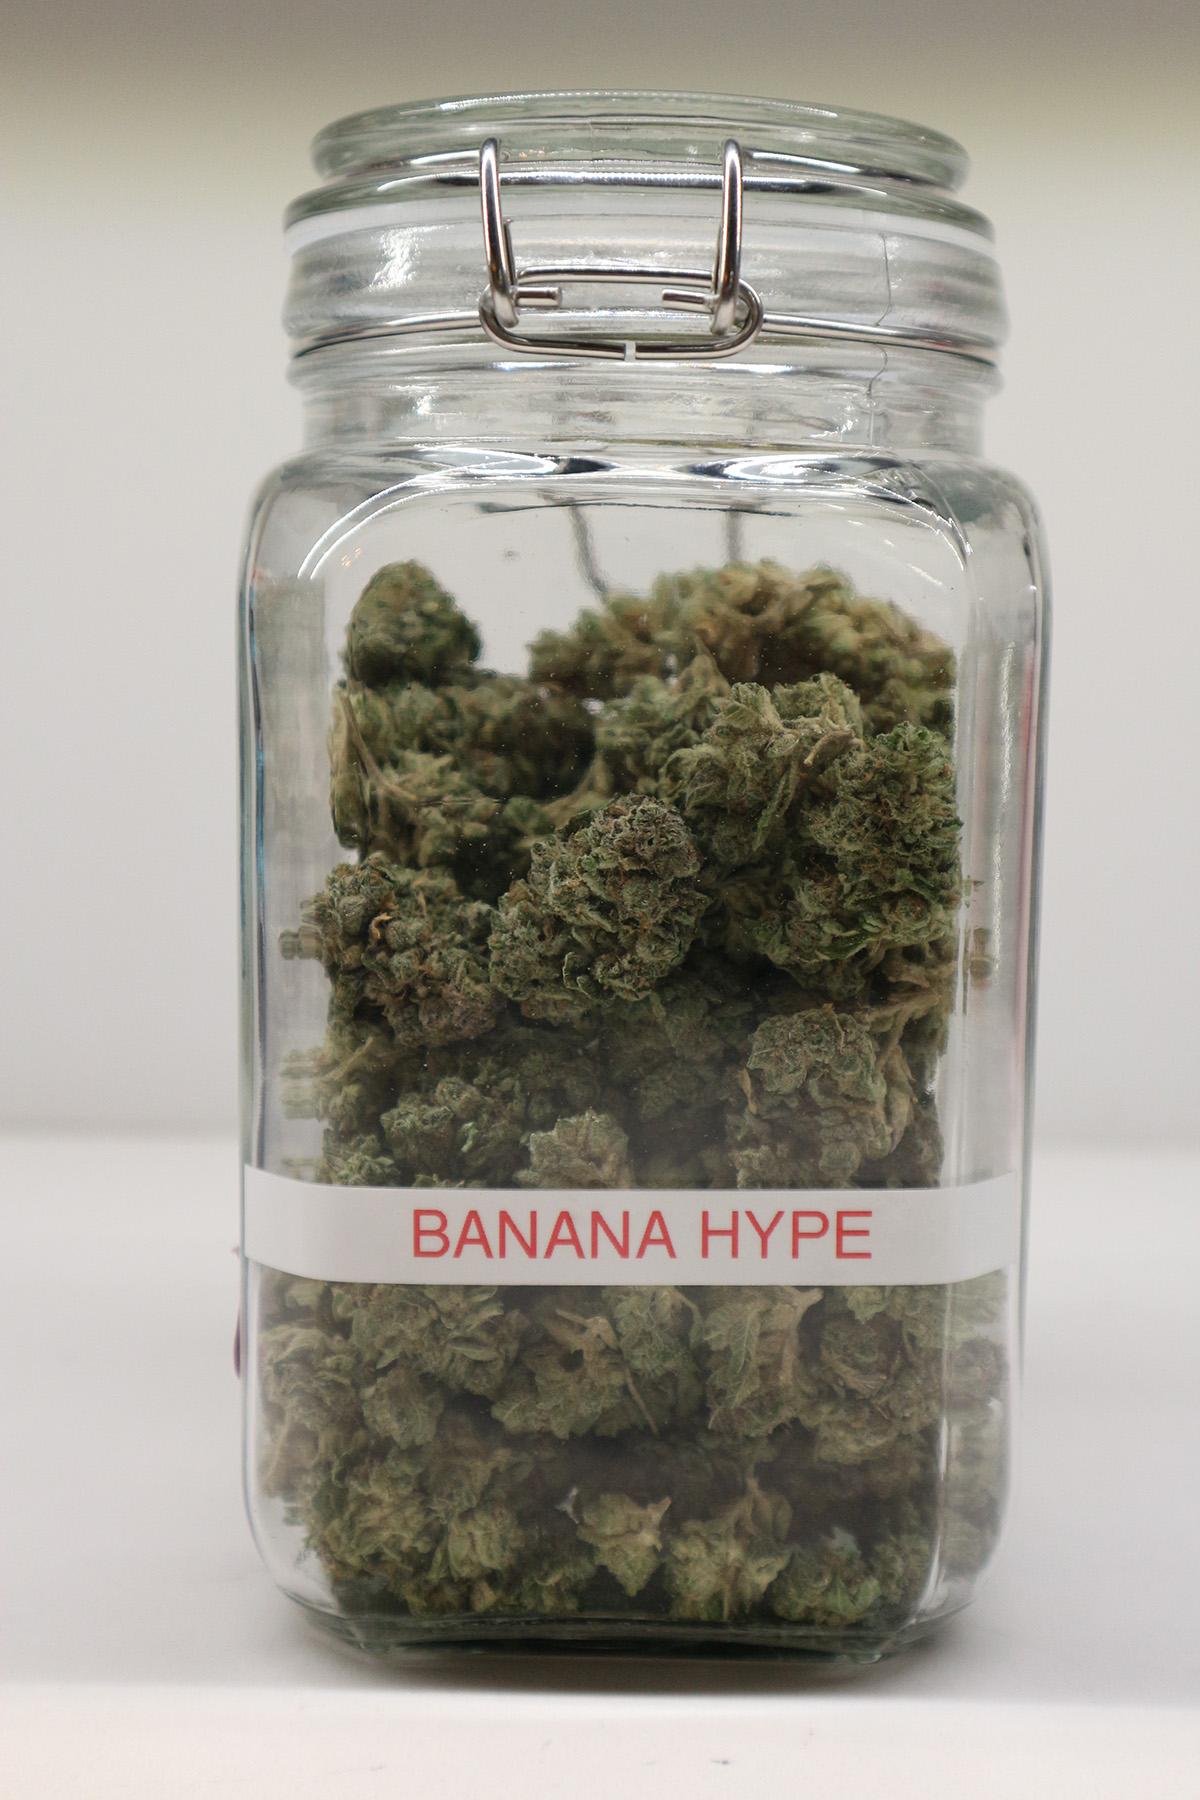 Banana Hype